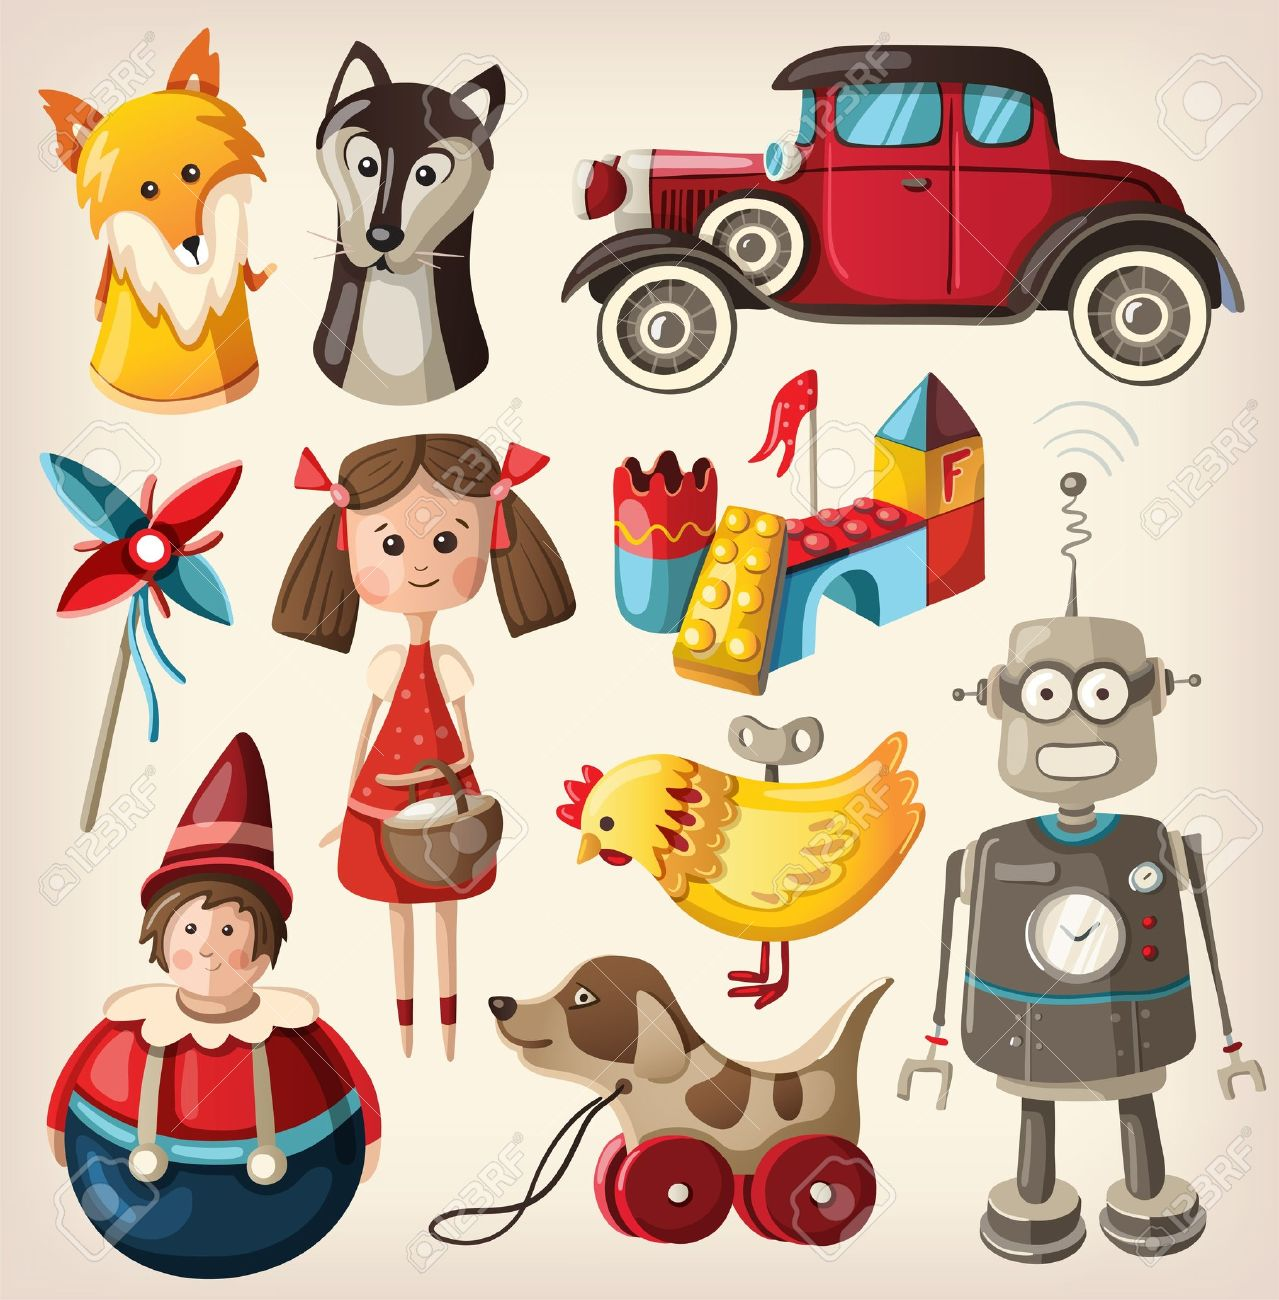 Resultado de imagen para viejos juguetes de navidad